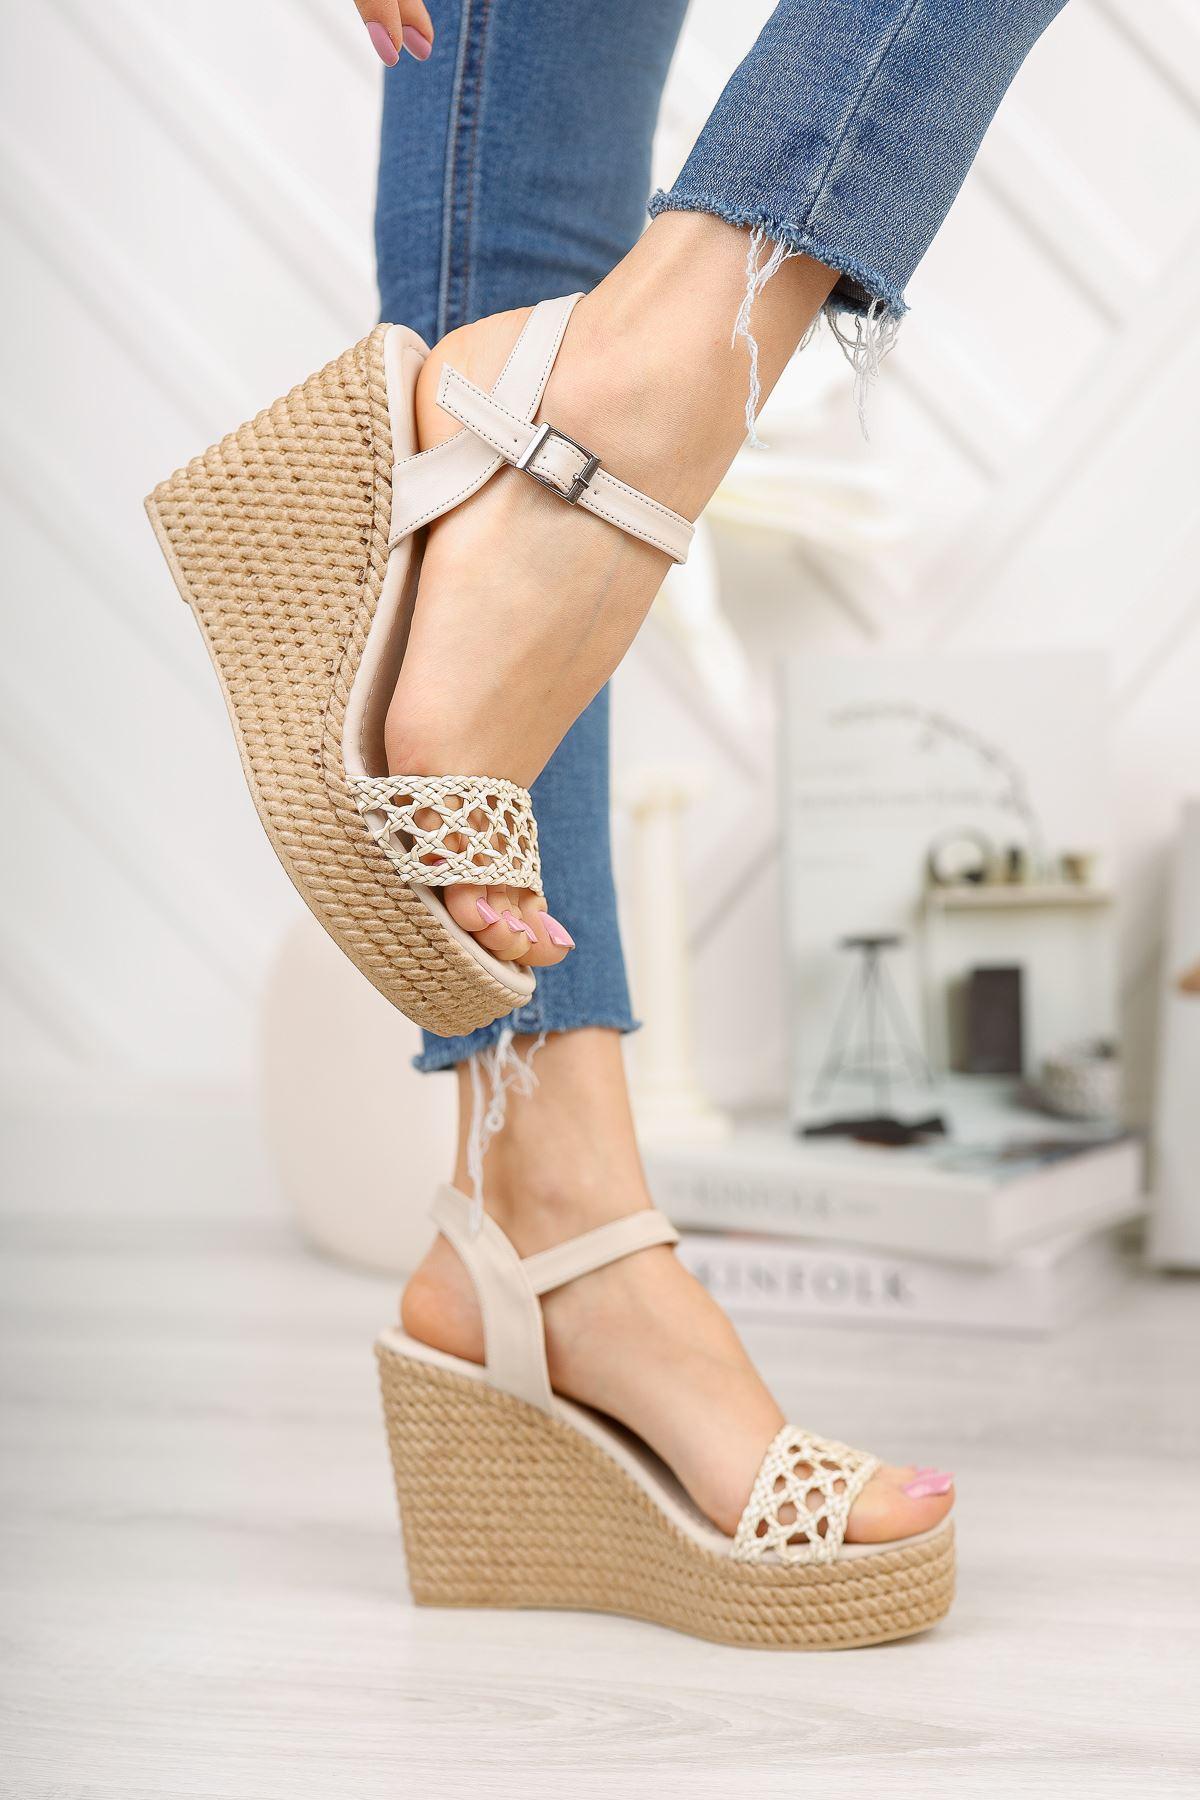 Bej Örgü Yüksek Dolgu Topuklu Ayakkabı